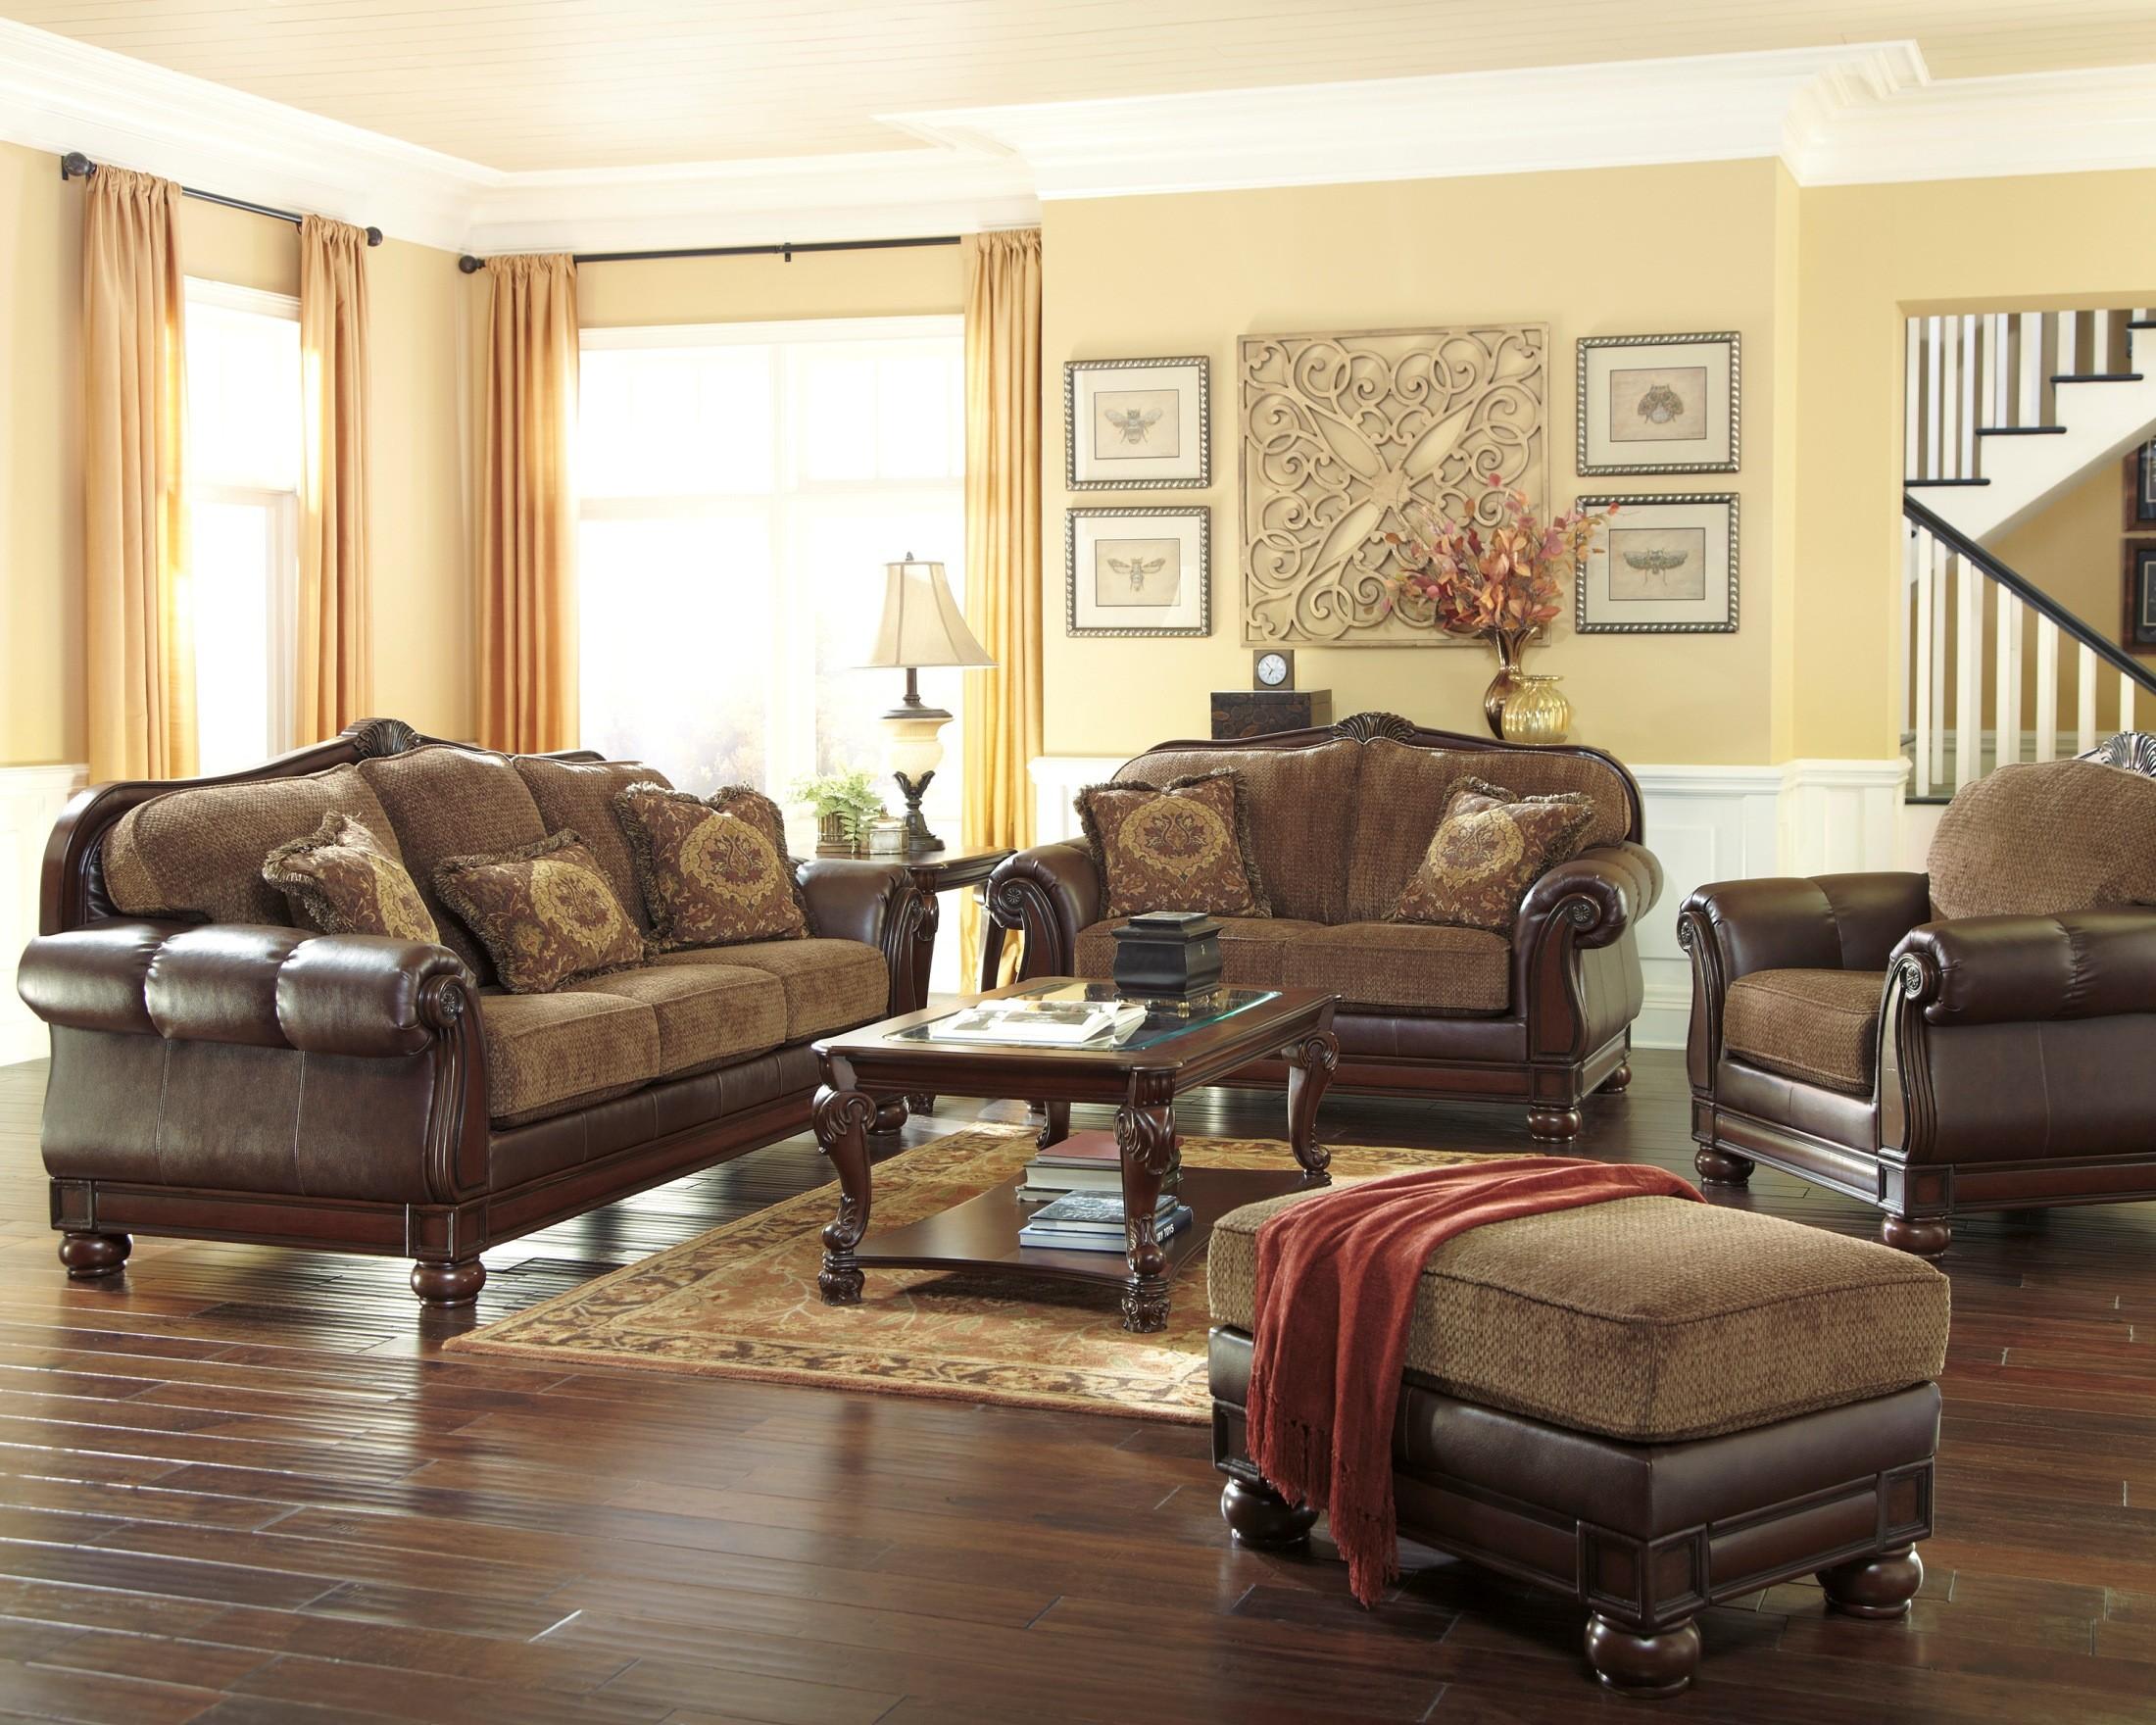 Beamerton Heights Chestnut Living Room Set, 30605-38-35